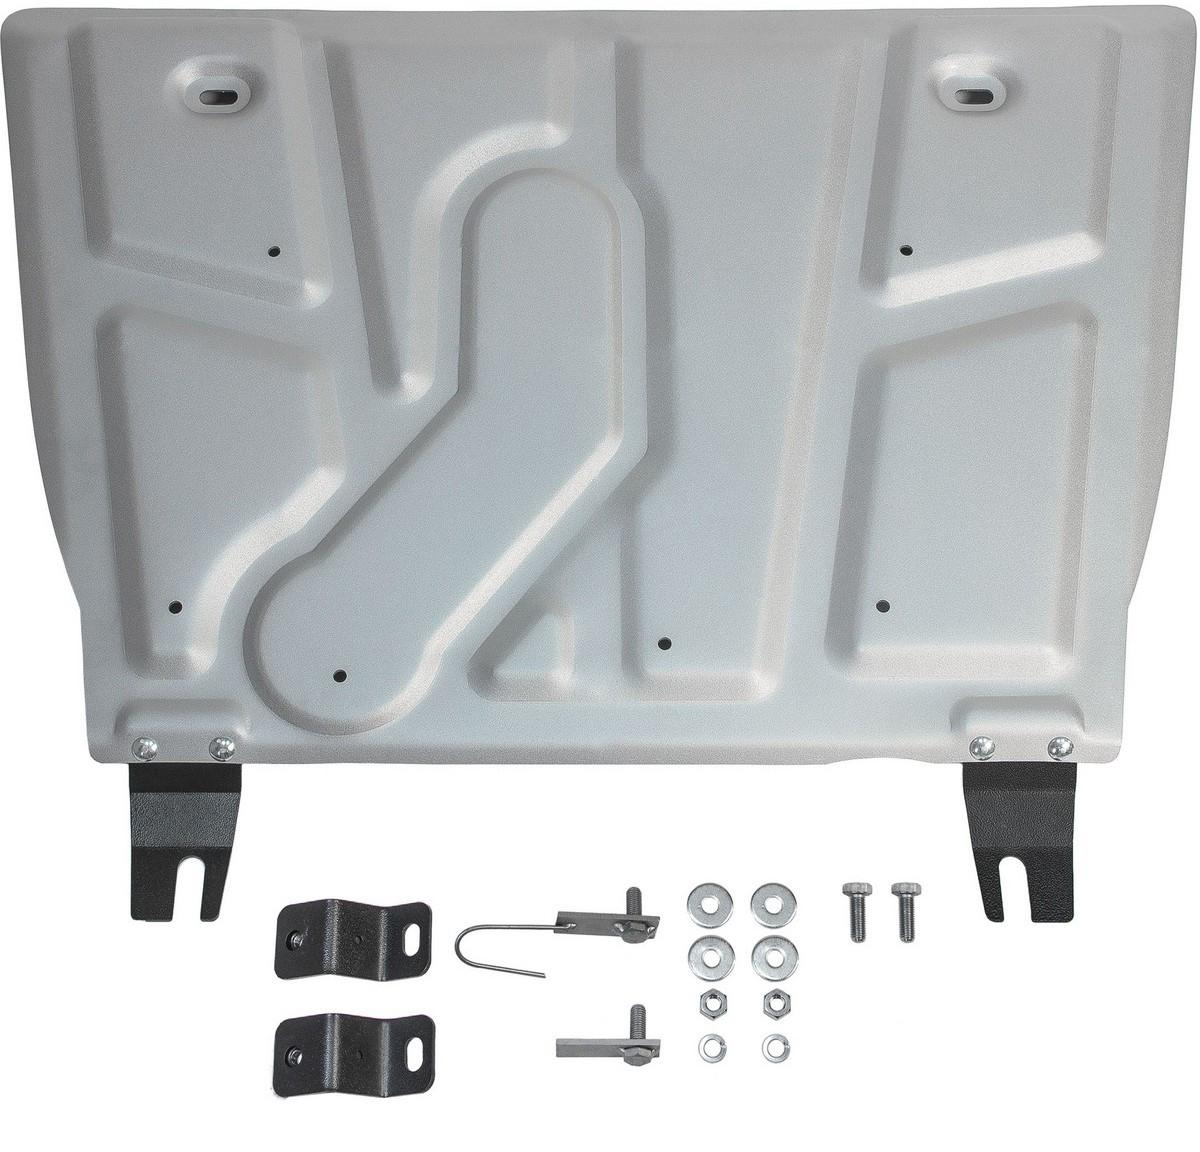 Защита картера и КПП Rival для Toyota RAV4 2010-2013 2013-2015 2015-, алюминий 4 мм333.5709.1Защита картера и КПП Rival для Toyota RAV4 V - кроме 2.5 2015-н.в./Toyota RAV4 V - кроме 2.5 2010-2013/Toyota RAV4 V - кроме 2.5 2013-2015, алюминий 4 мм, крепеж в комплекте, 333.5709.1Алюминиевые защиты Rival надежно защищают днище вашего автомобиля от повреждений, например при наезде на бордюры, а также выполняют эстетическую функцию при установке на высокие автомобили.- Толщина алюминиевых защит в 2 раза толще стальных, а вес при этом меньше до 30%.- Отлично отводит тепло от двигателя своей поверхностью, что спасает двигатель от перегрева в летний период или при высоких нагрузках.- В отличие от стальных, алюминиевые защиты не поддаются коррозии, что гарантирует срок службы защит более 5 лет.- Покрываются порошковой краской, что надолго сохраняет первоначальный вид новой защиты и защищает от гальванической коррозии.- Глубокий штамп дополнительно усиливает конструкцию защиты.- Подштамповка в местах крепления защищает крепеж от срезания.- Технологические отверстия там, где они необходимы для смены масла и слива воды, оборудованные заглушками, надежно закрепленными на защите.- Помимо основной функции защиты от удара, конструкция так же существенно снижает попадание в моторный отсек влаги и грязи.В комплекте инструкция по установке.Уважаемые клиенты!Обращаем ваше внимание, на тот факт, что защита имеет форму, соответствующую модели данного автомобиля. Наличие глубокого штампа и лючков для смены фильтров/масла предусмотрено не на всех защитах. Фото служит для визуального восприятия товара.